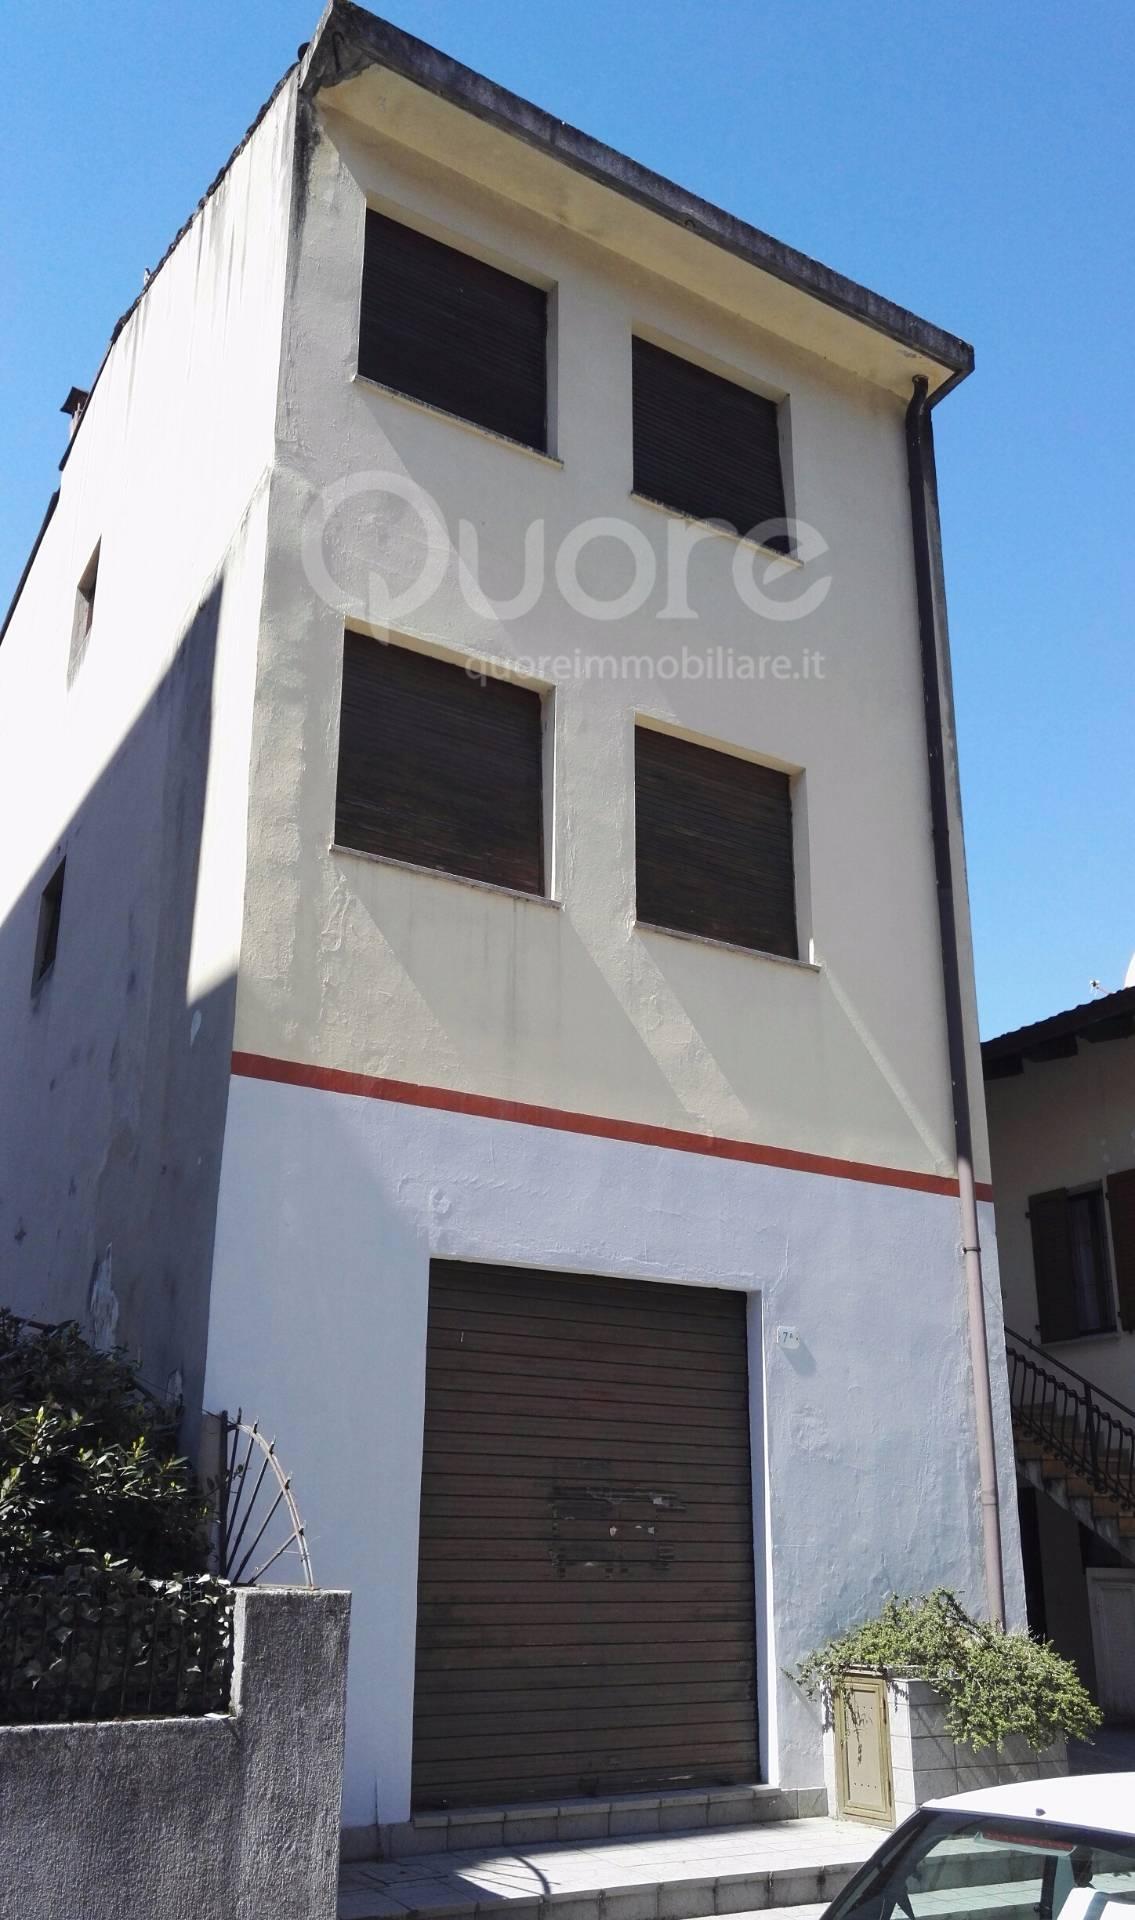 Negozio / Locale in vendita a Udine, 9999 locali, zona Zona: Semicentro, prezzo € 65.000 | CambioCasa.it